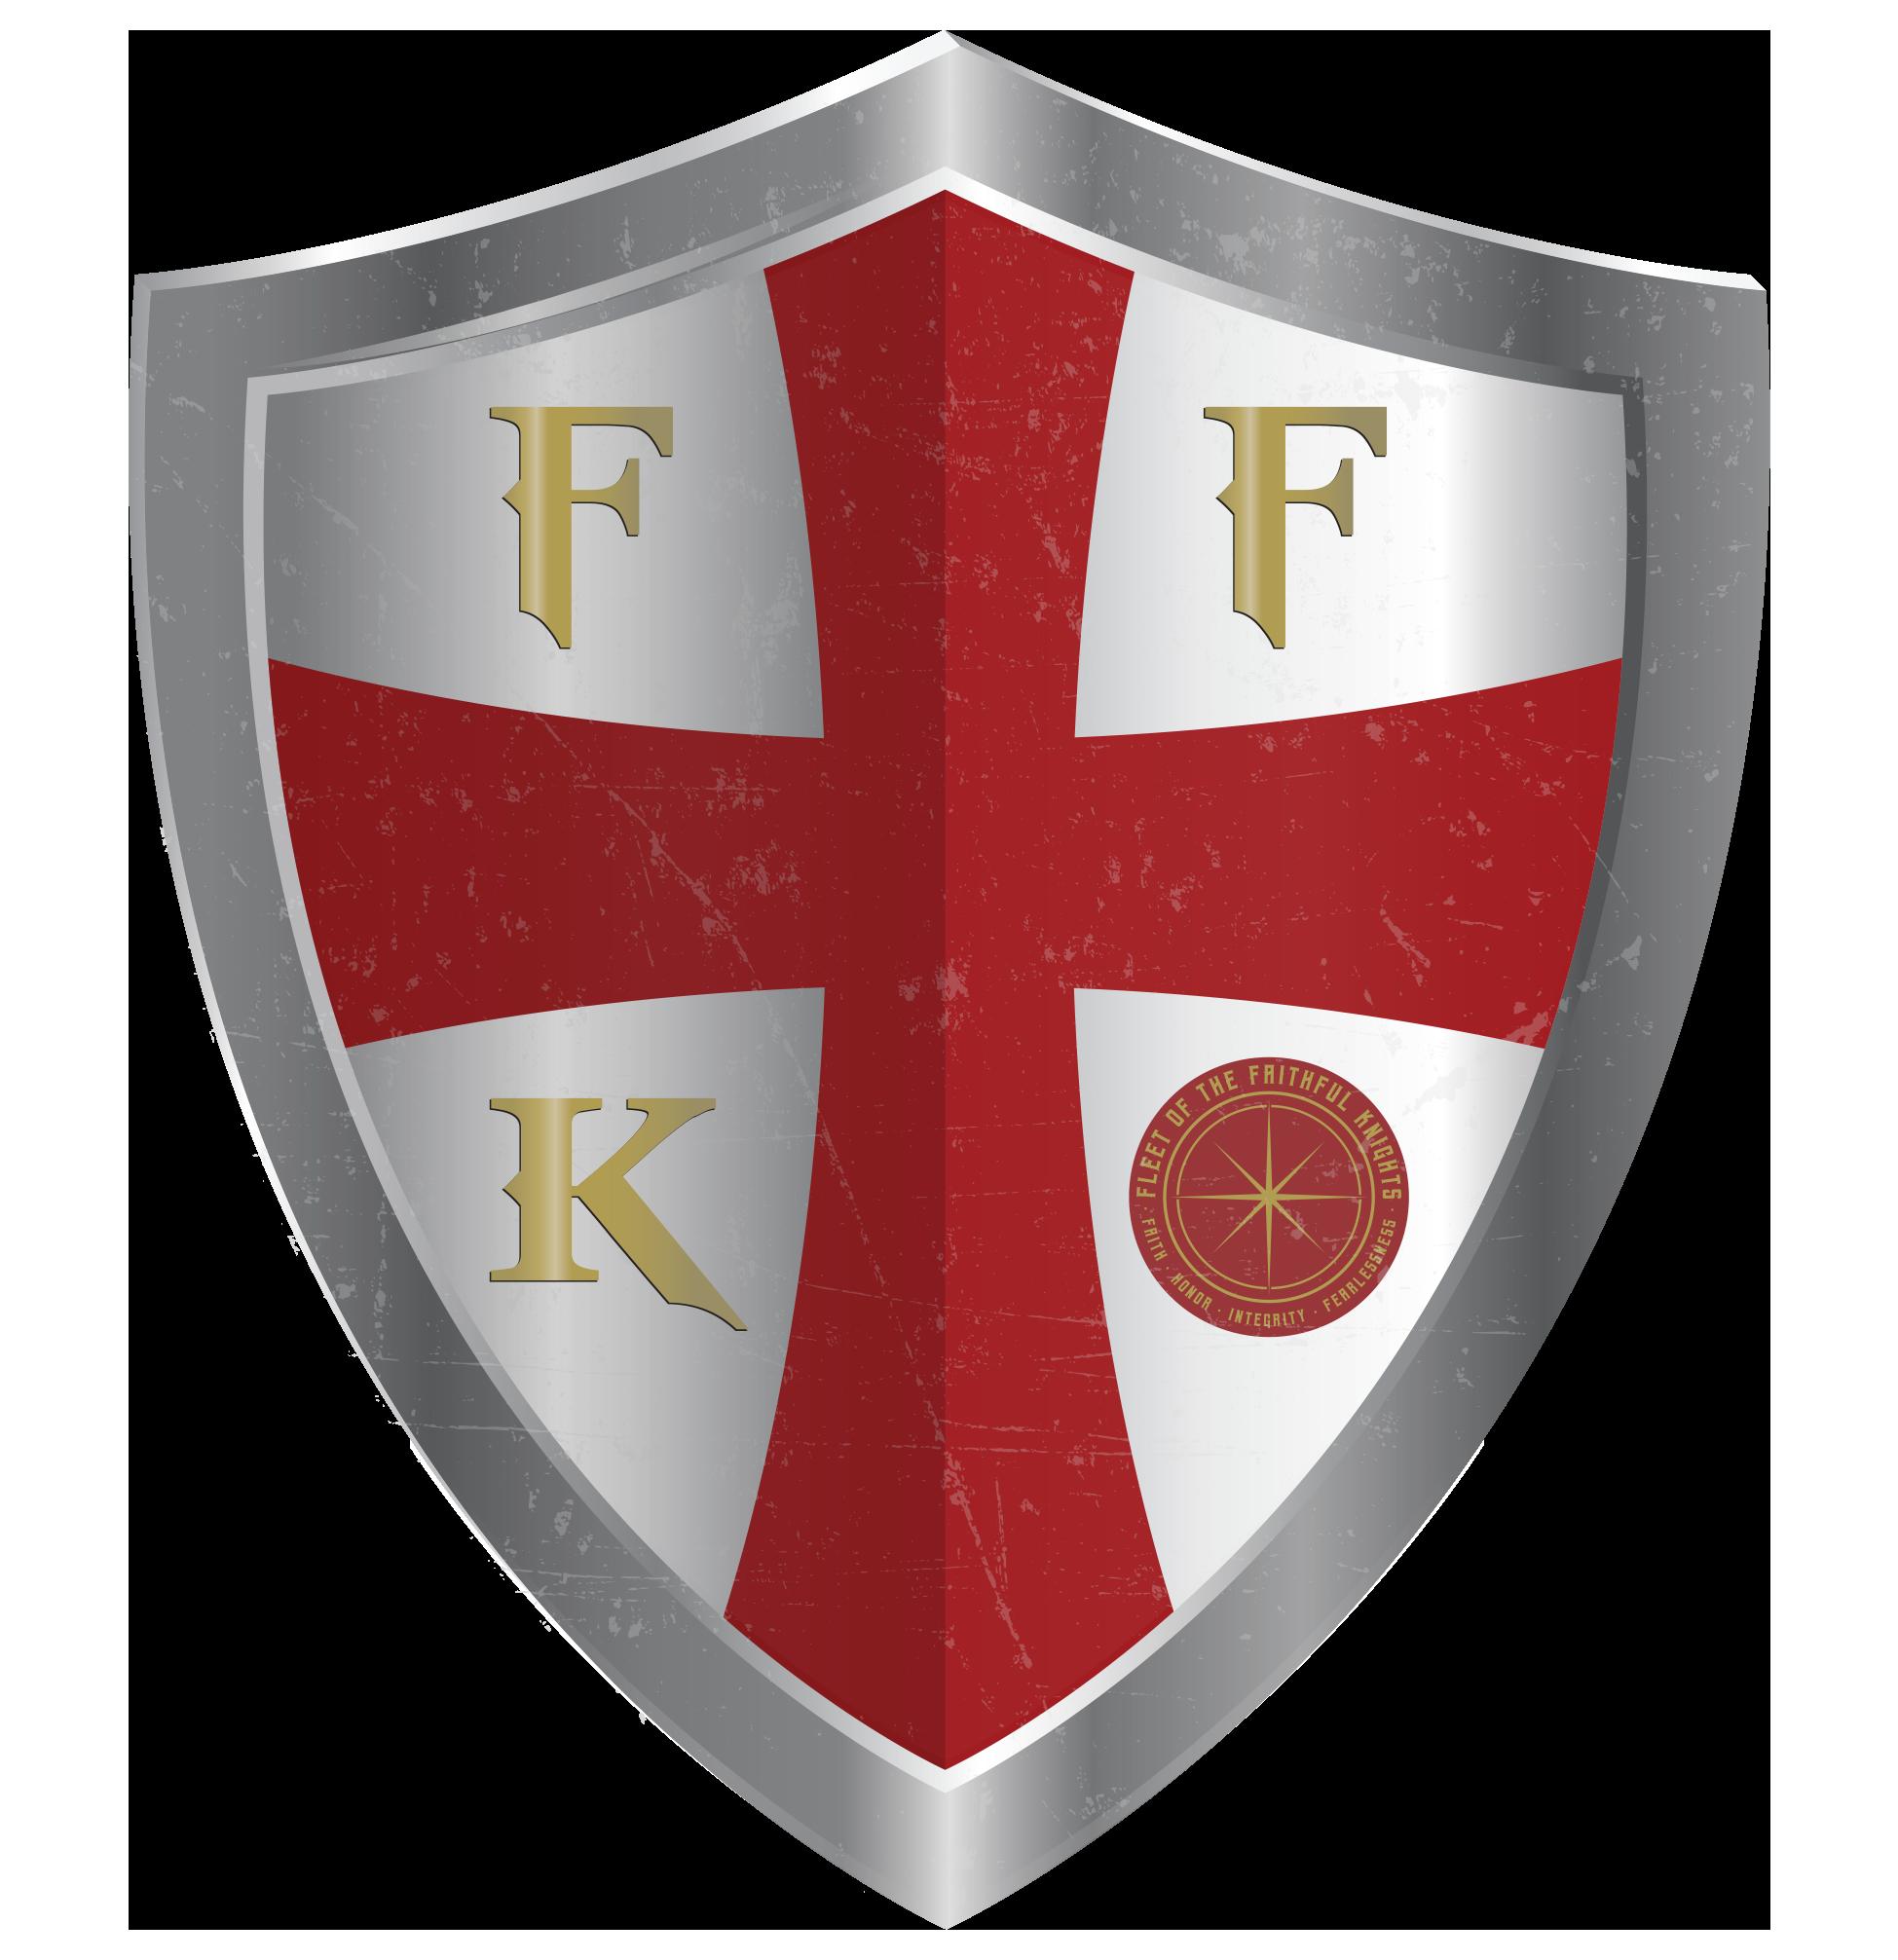 Fleet of the faithful knights shield1